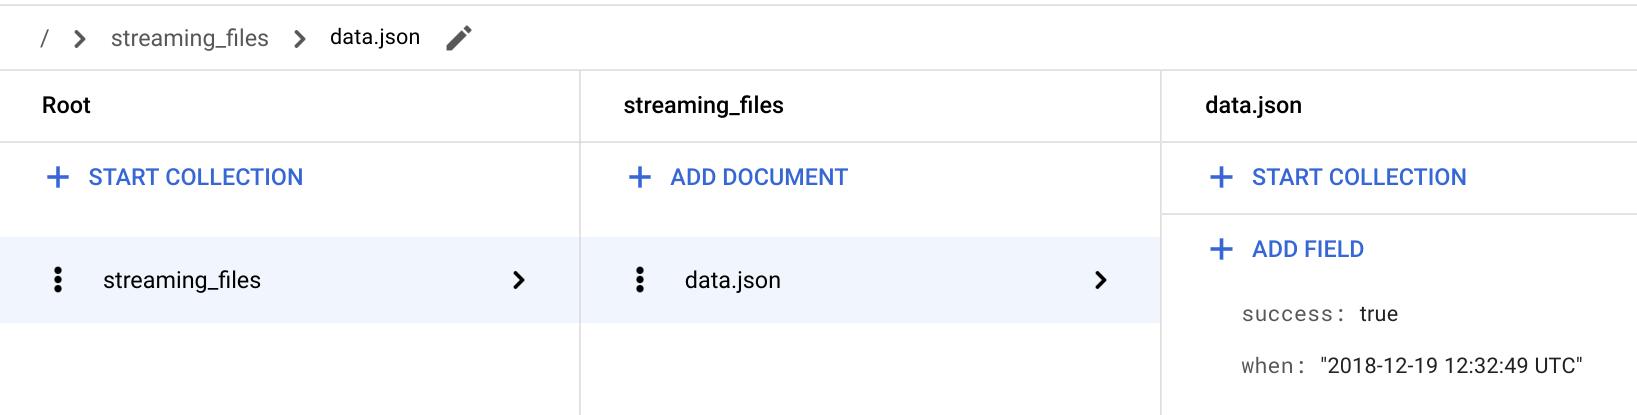 """Verifica que la función """"streaming"""" almacene el estado de éxito del archivo"""